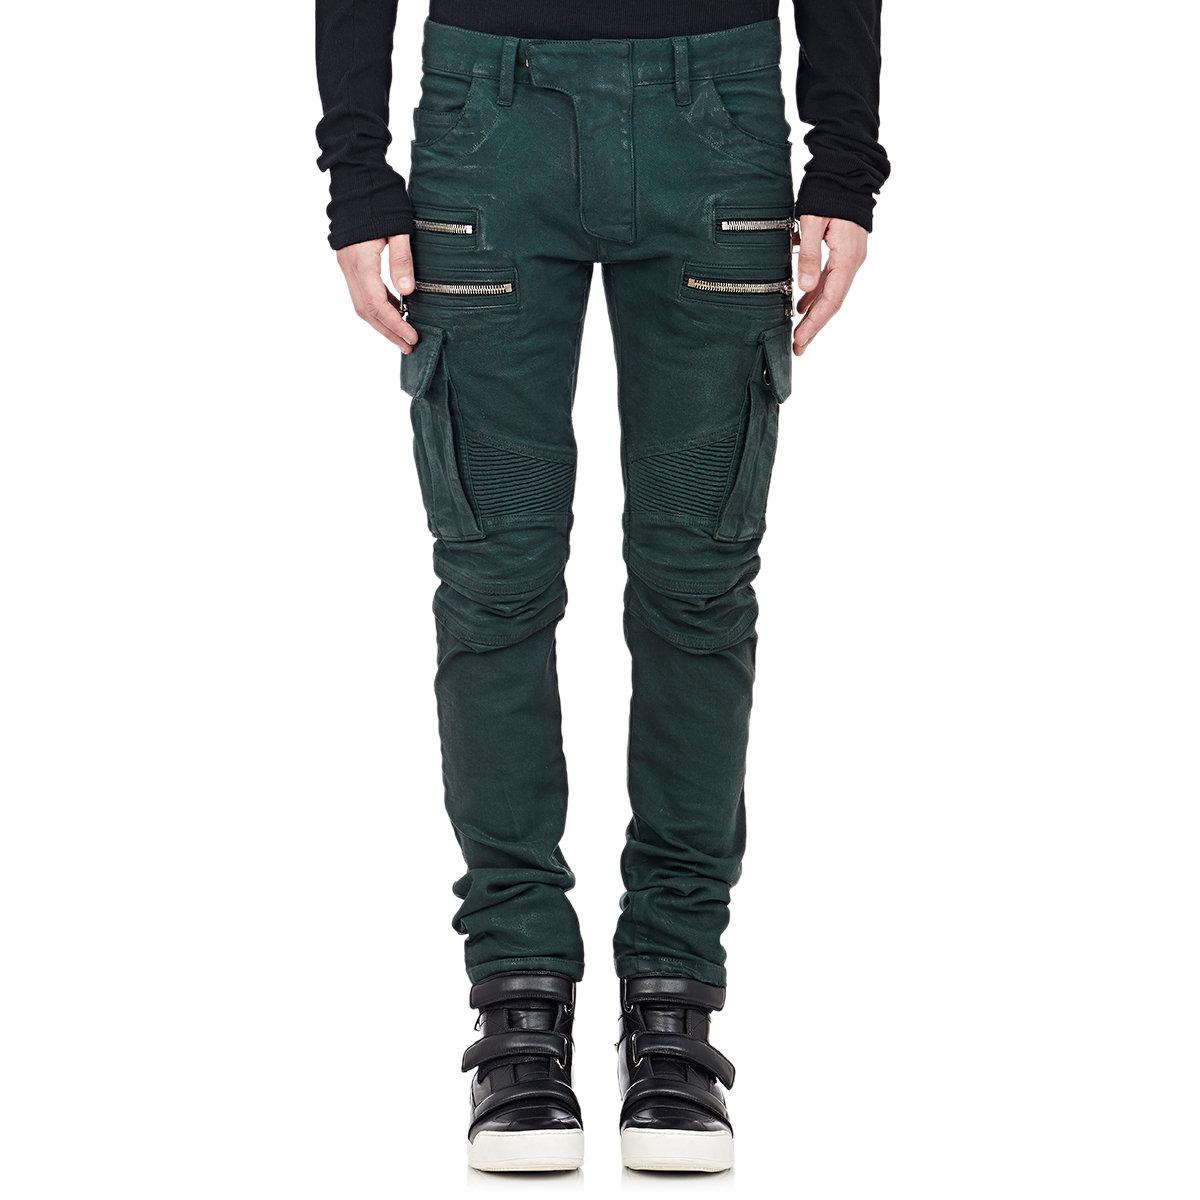 e371e3e1 Balmain Cargo Moto Jeans in Green for Men - Lyst